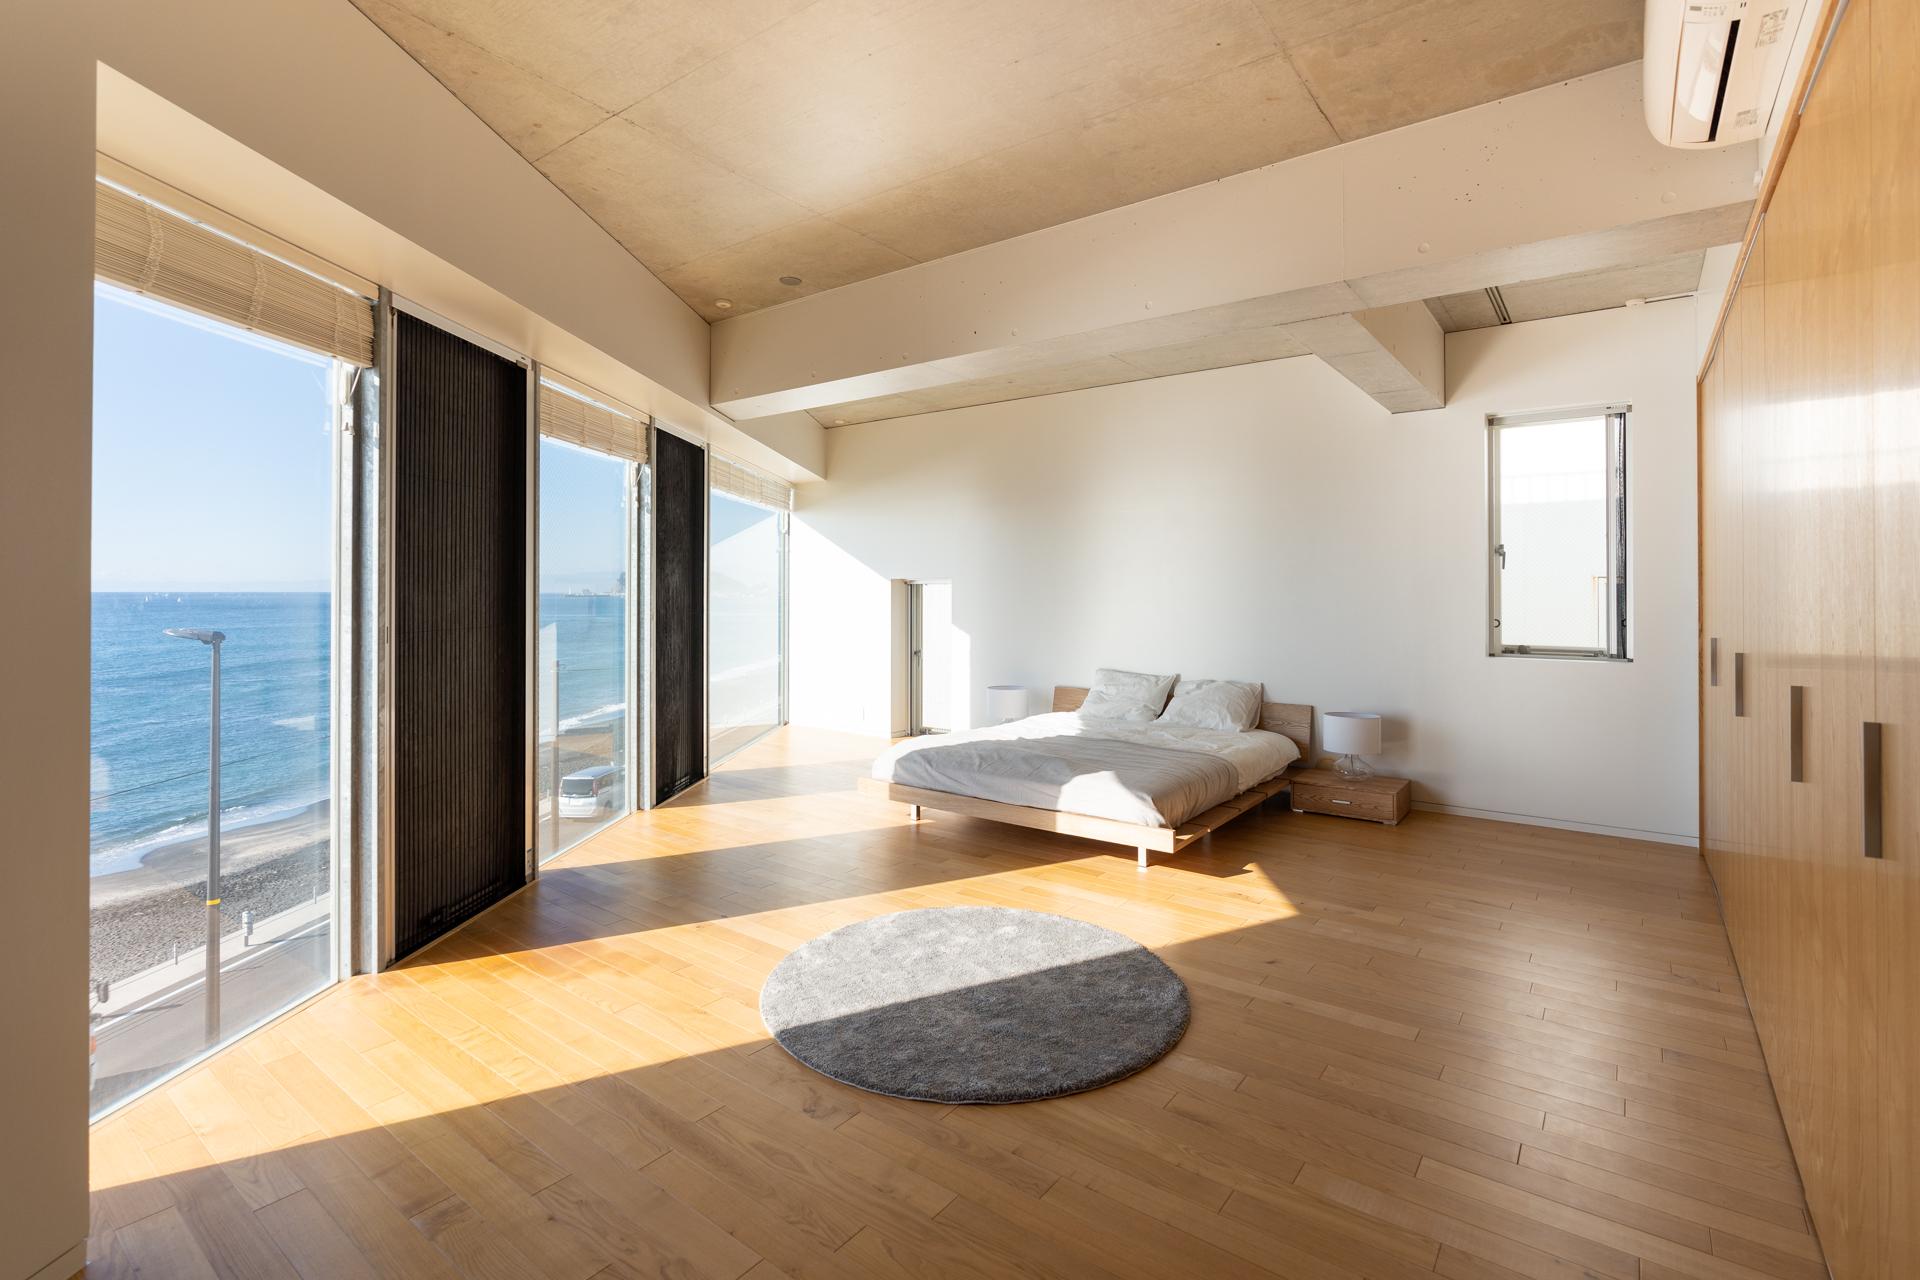 七里ヶ浜 ViewHouse